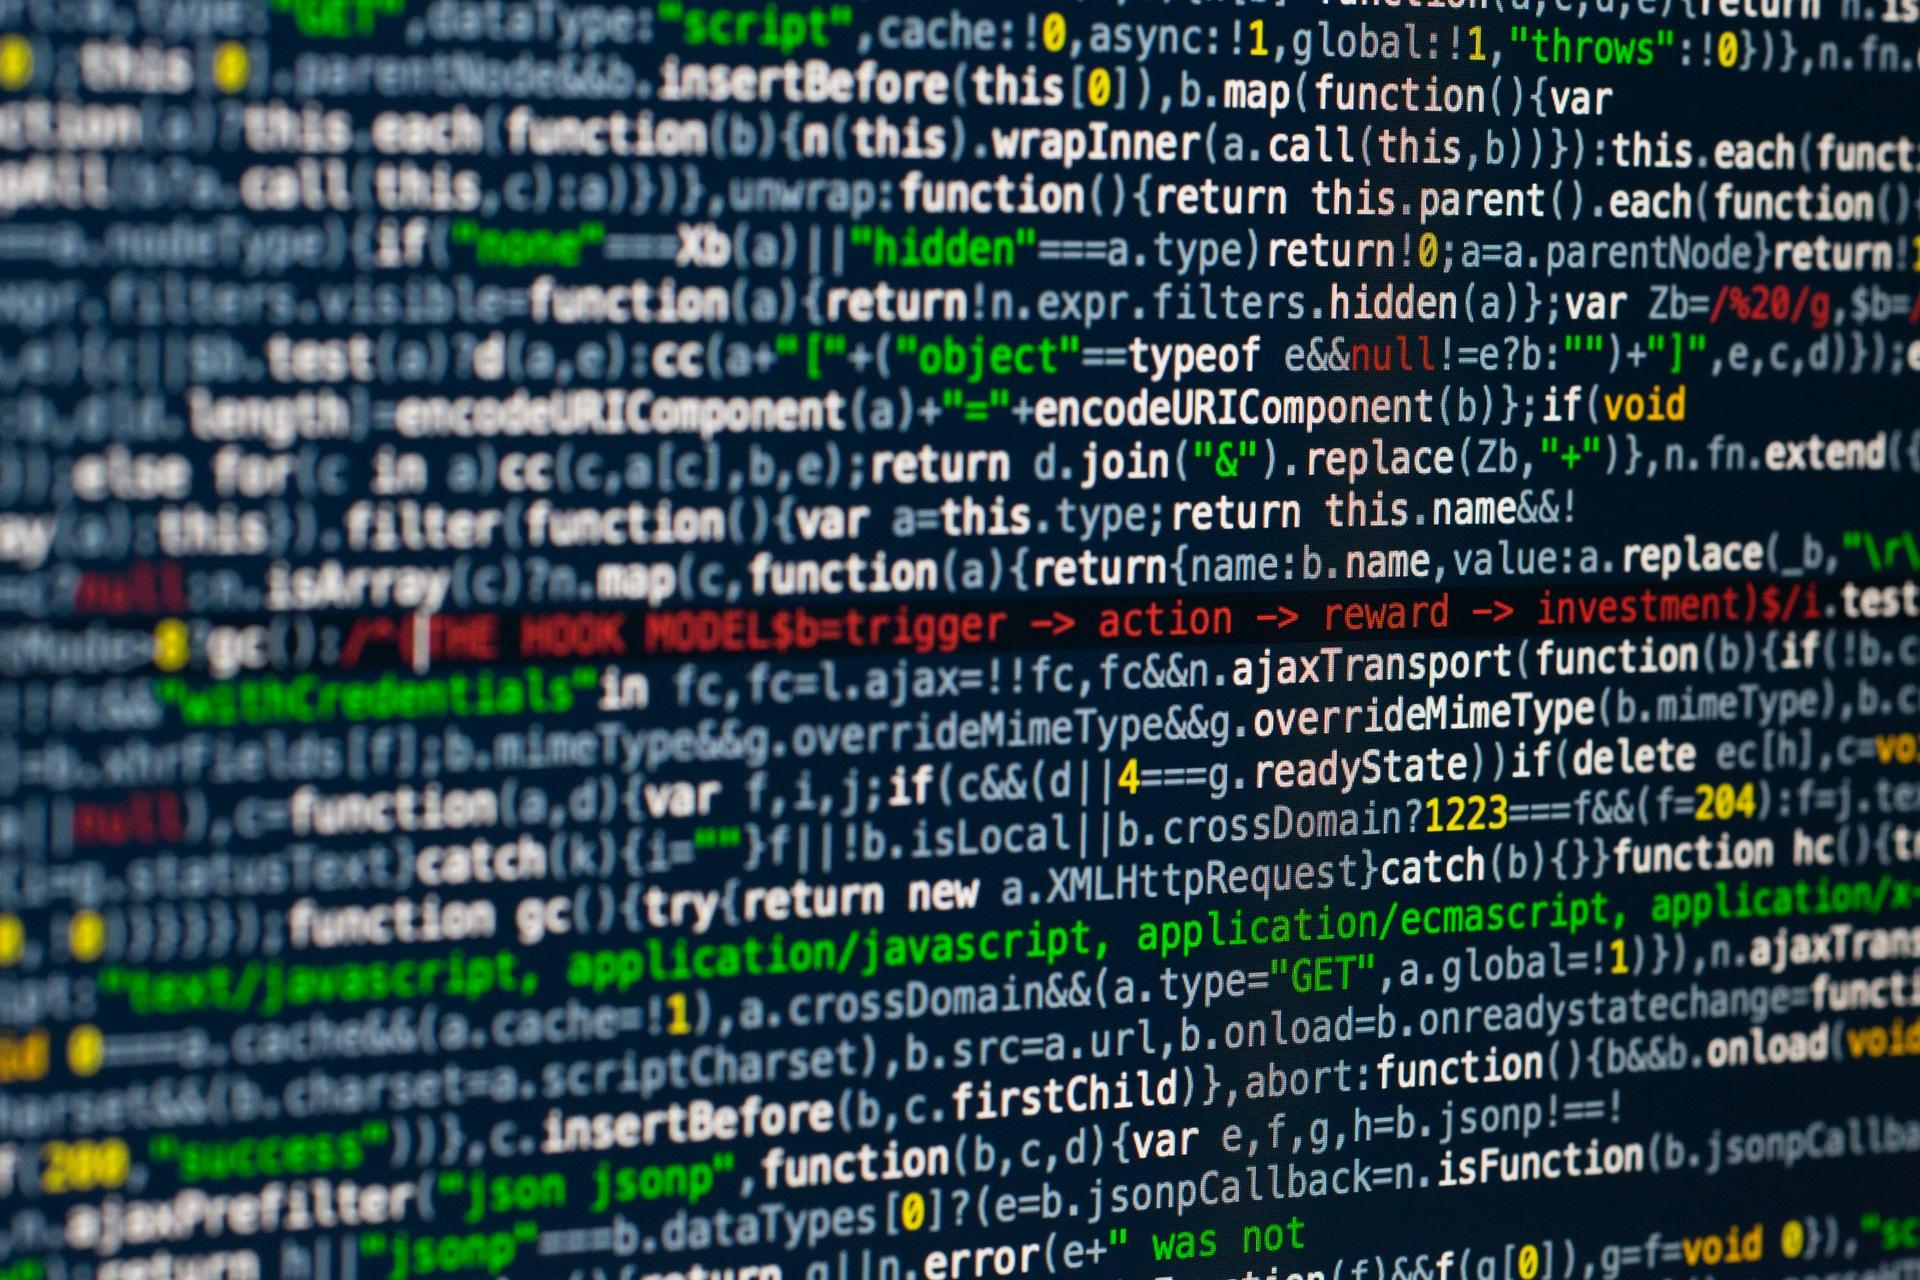 Database Backups - Comparing MariaDB Mariabackup and Percona